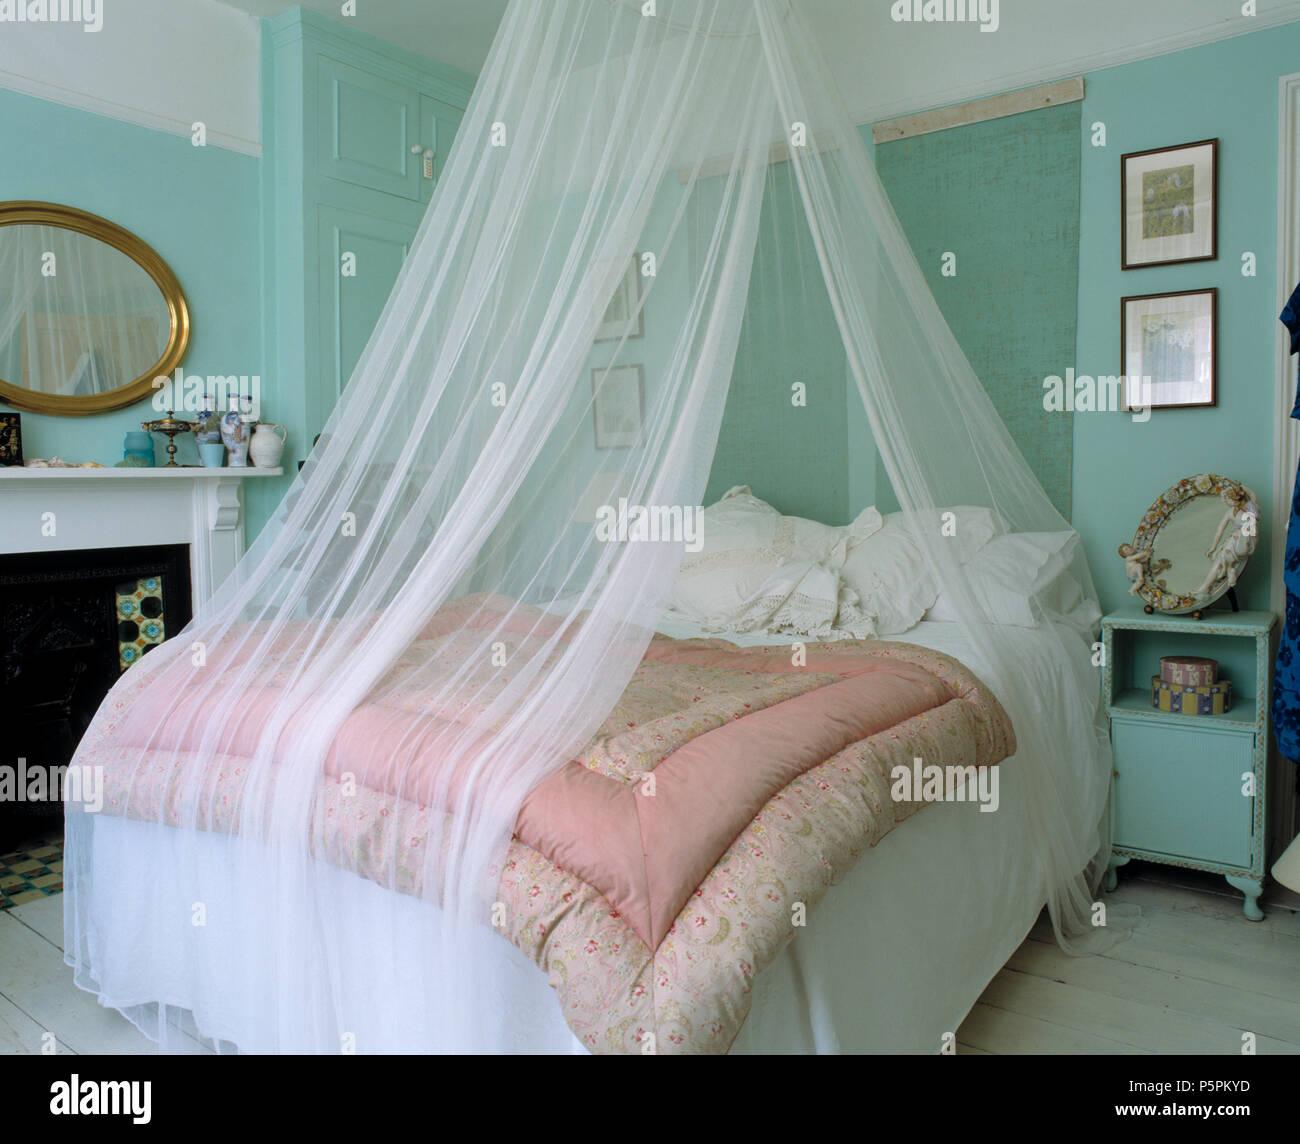 Rideaux voile blanc au-dessus de lit avec couette vintage rose et ...